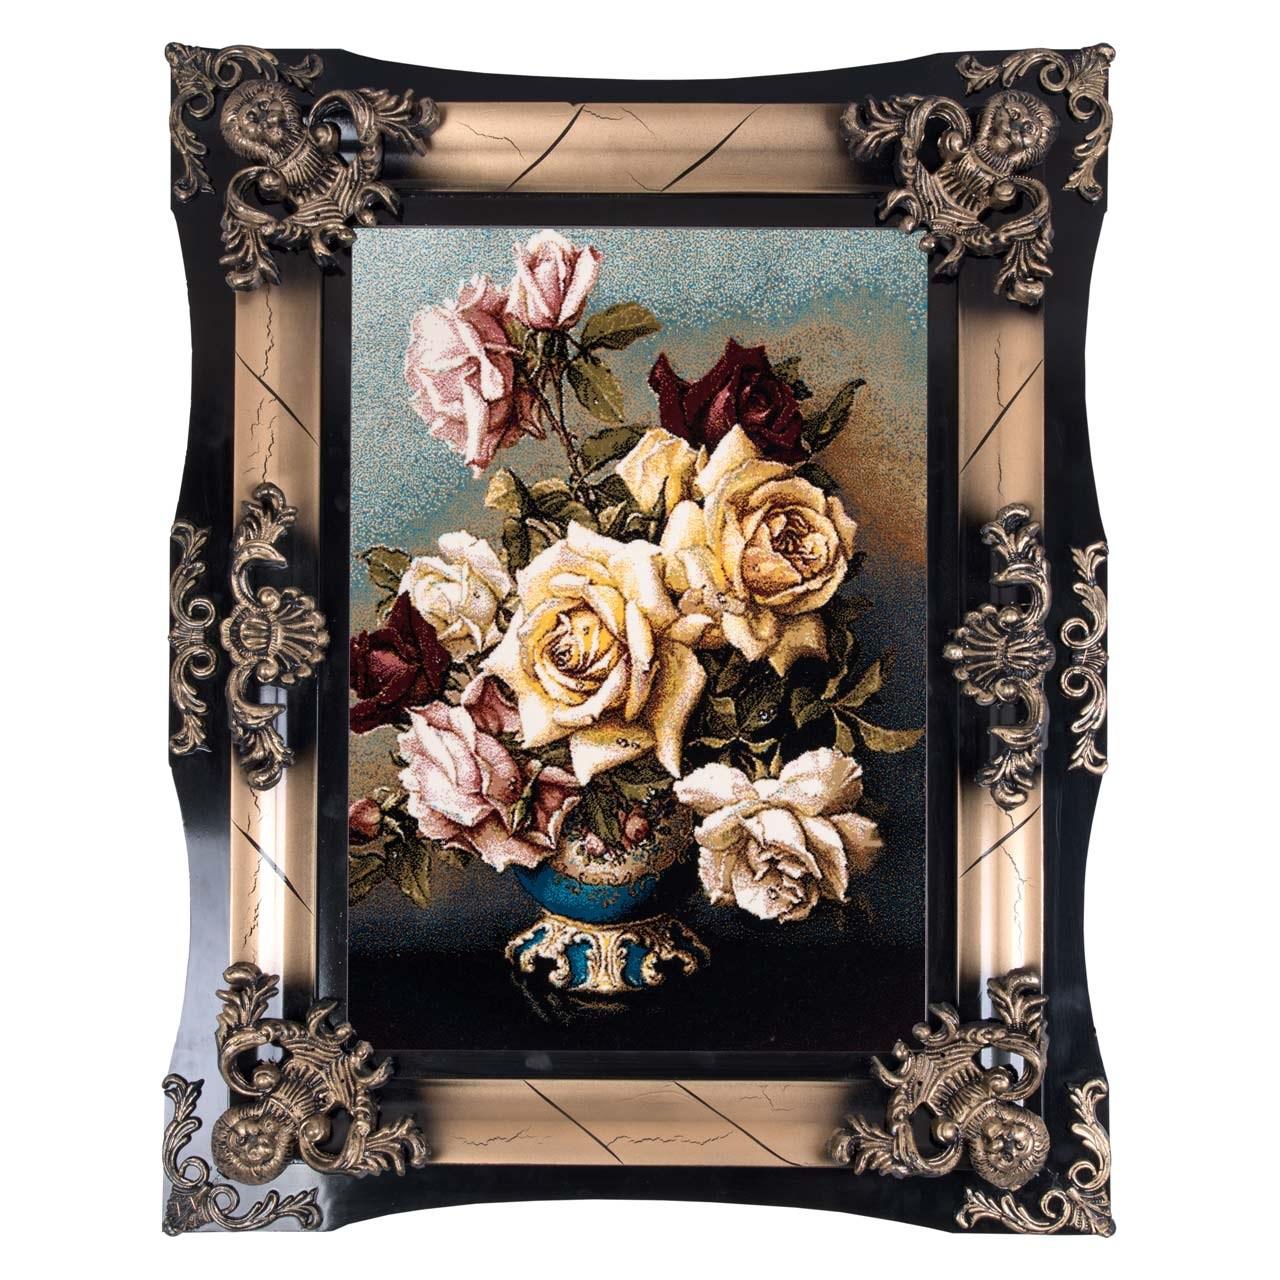 تابلو فرش ماشینی دنیای فرش طرح گل های رز کد 117